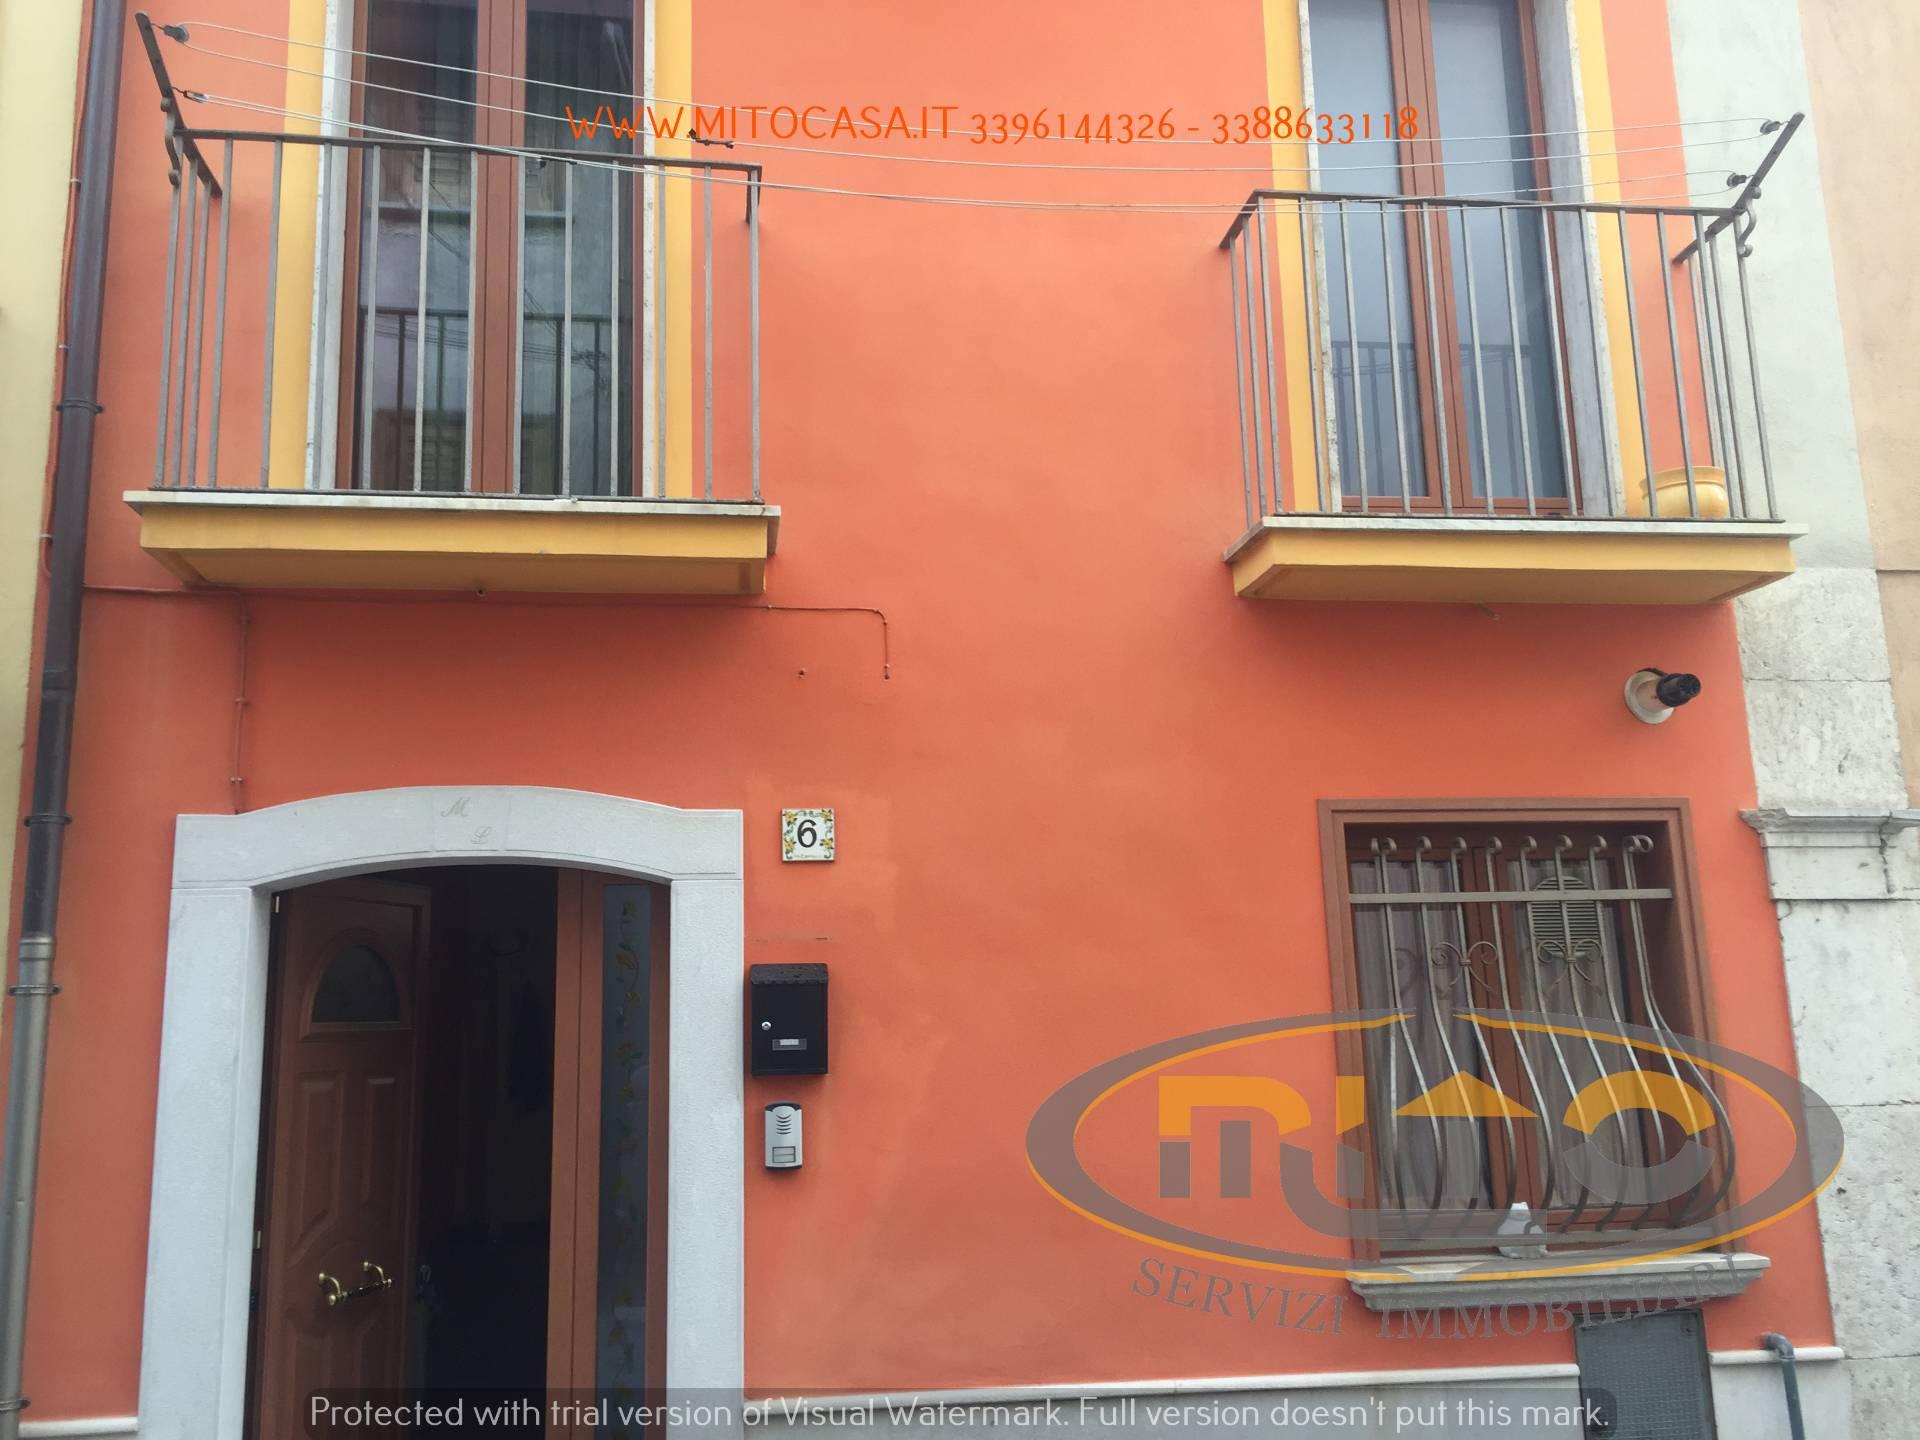 Appartamento in vendita a Cerreto Sannita, 3 locali, prezzo € 70.000 | CambioCasa.it